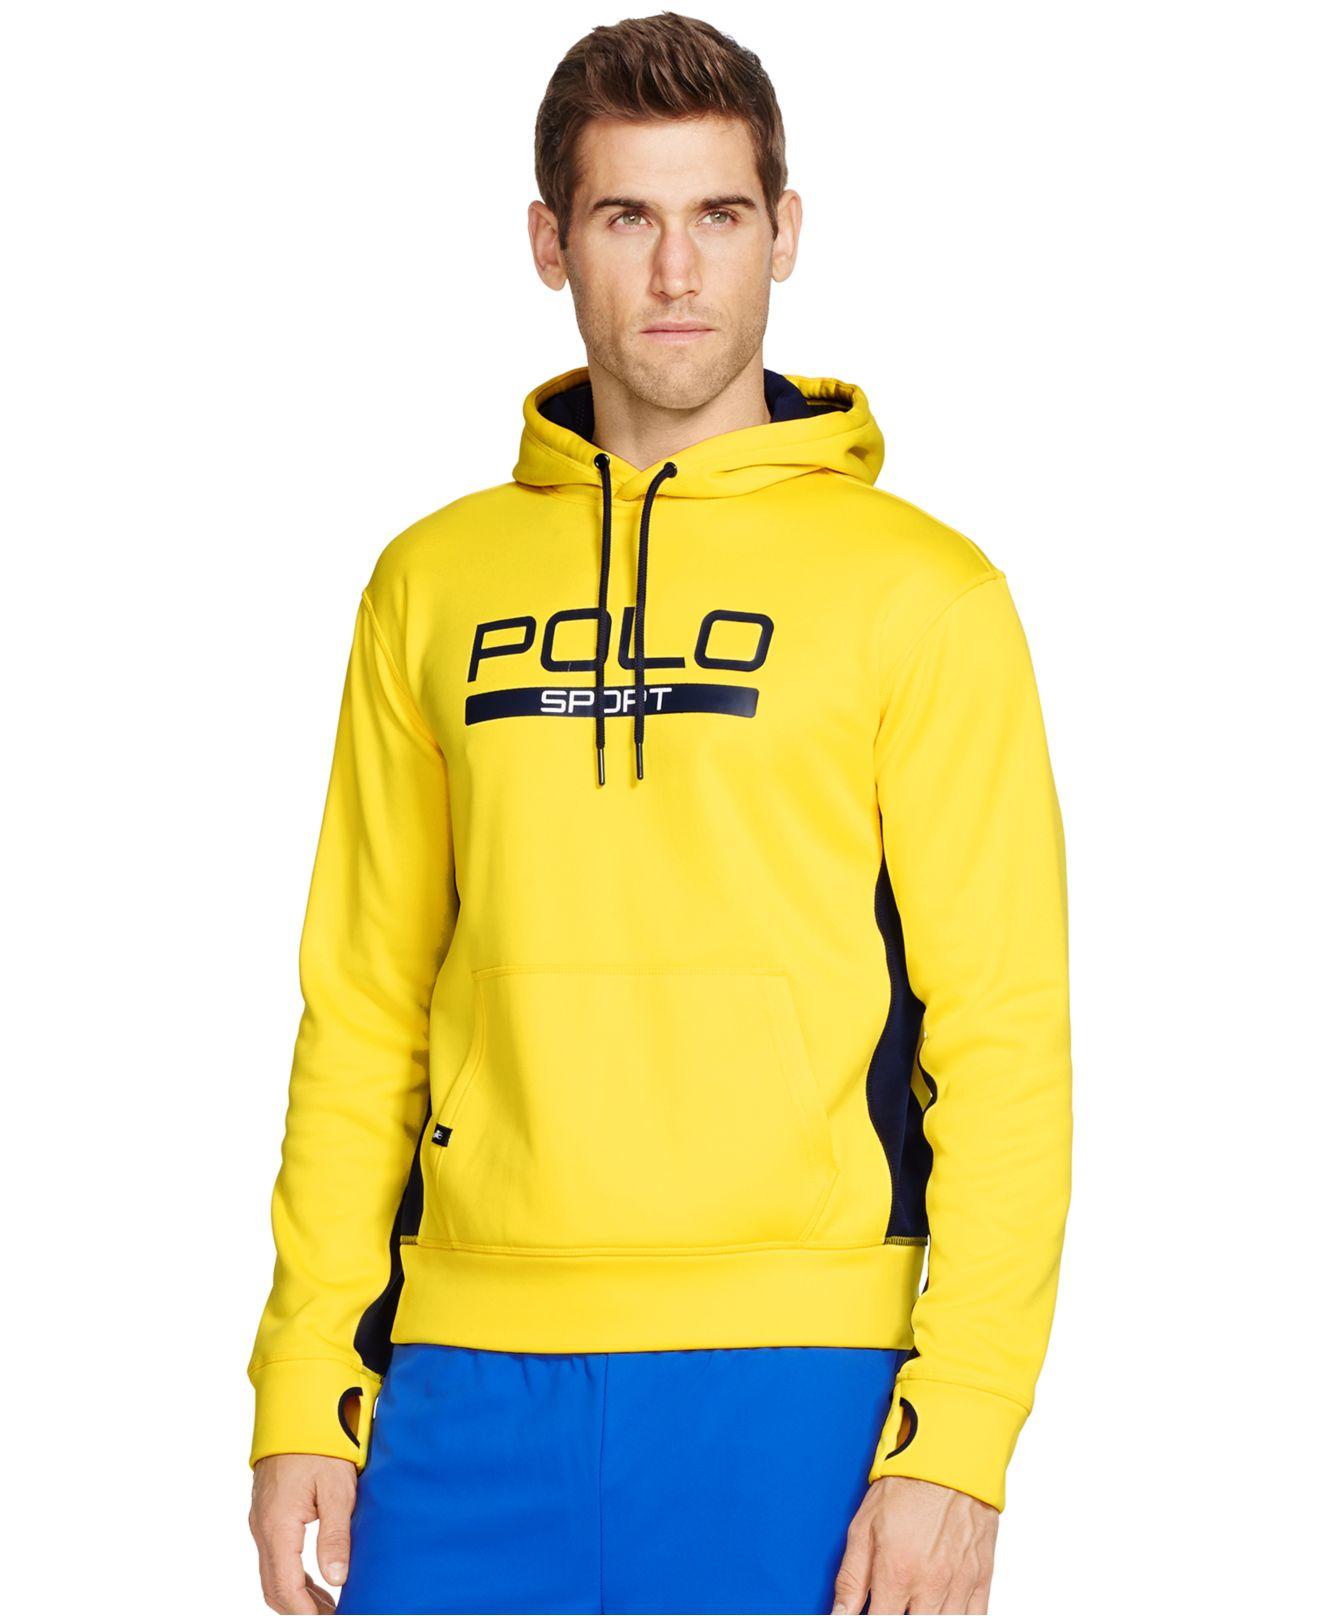 polo ralph lauren tech fleece hoodie in yellow for men lyst. Black Bedroom Furniture Sets. Home Design Ideas